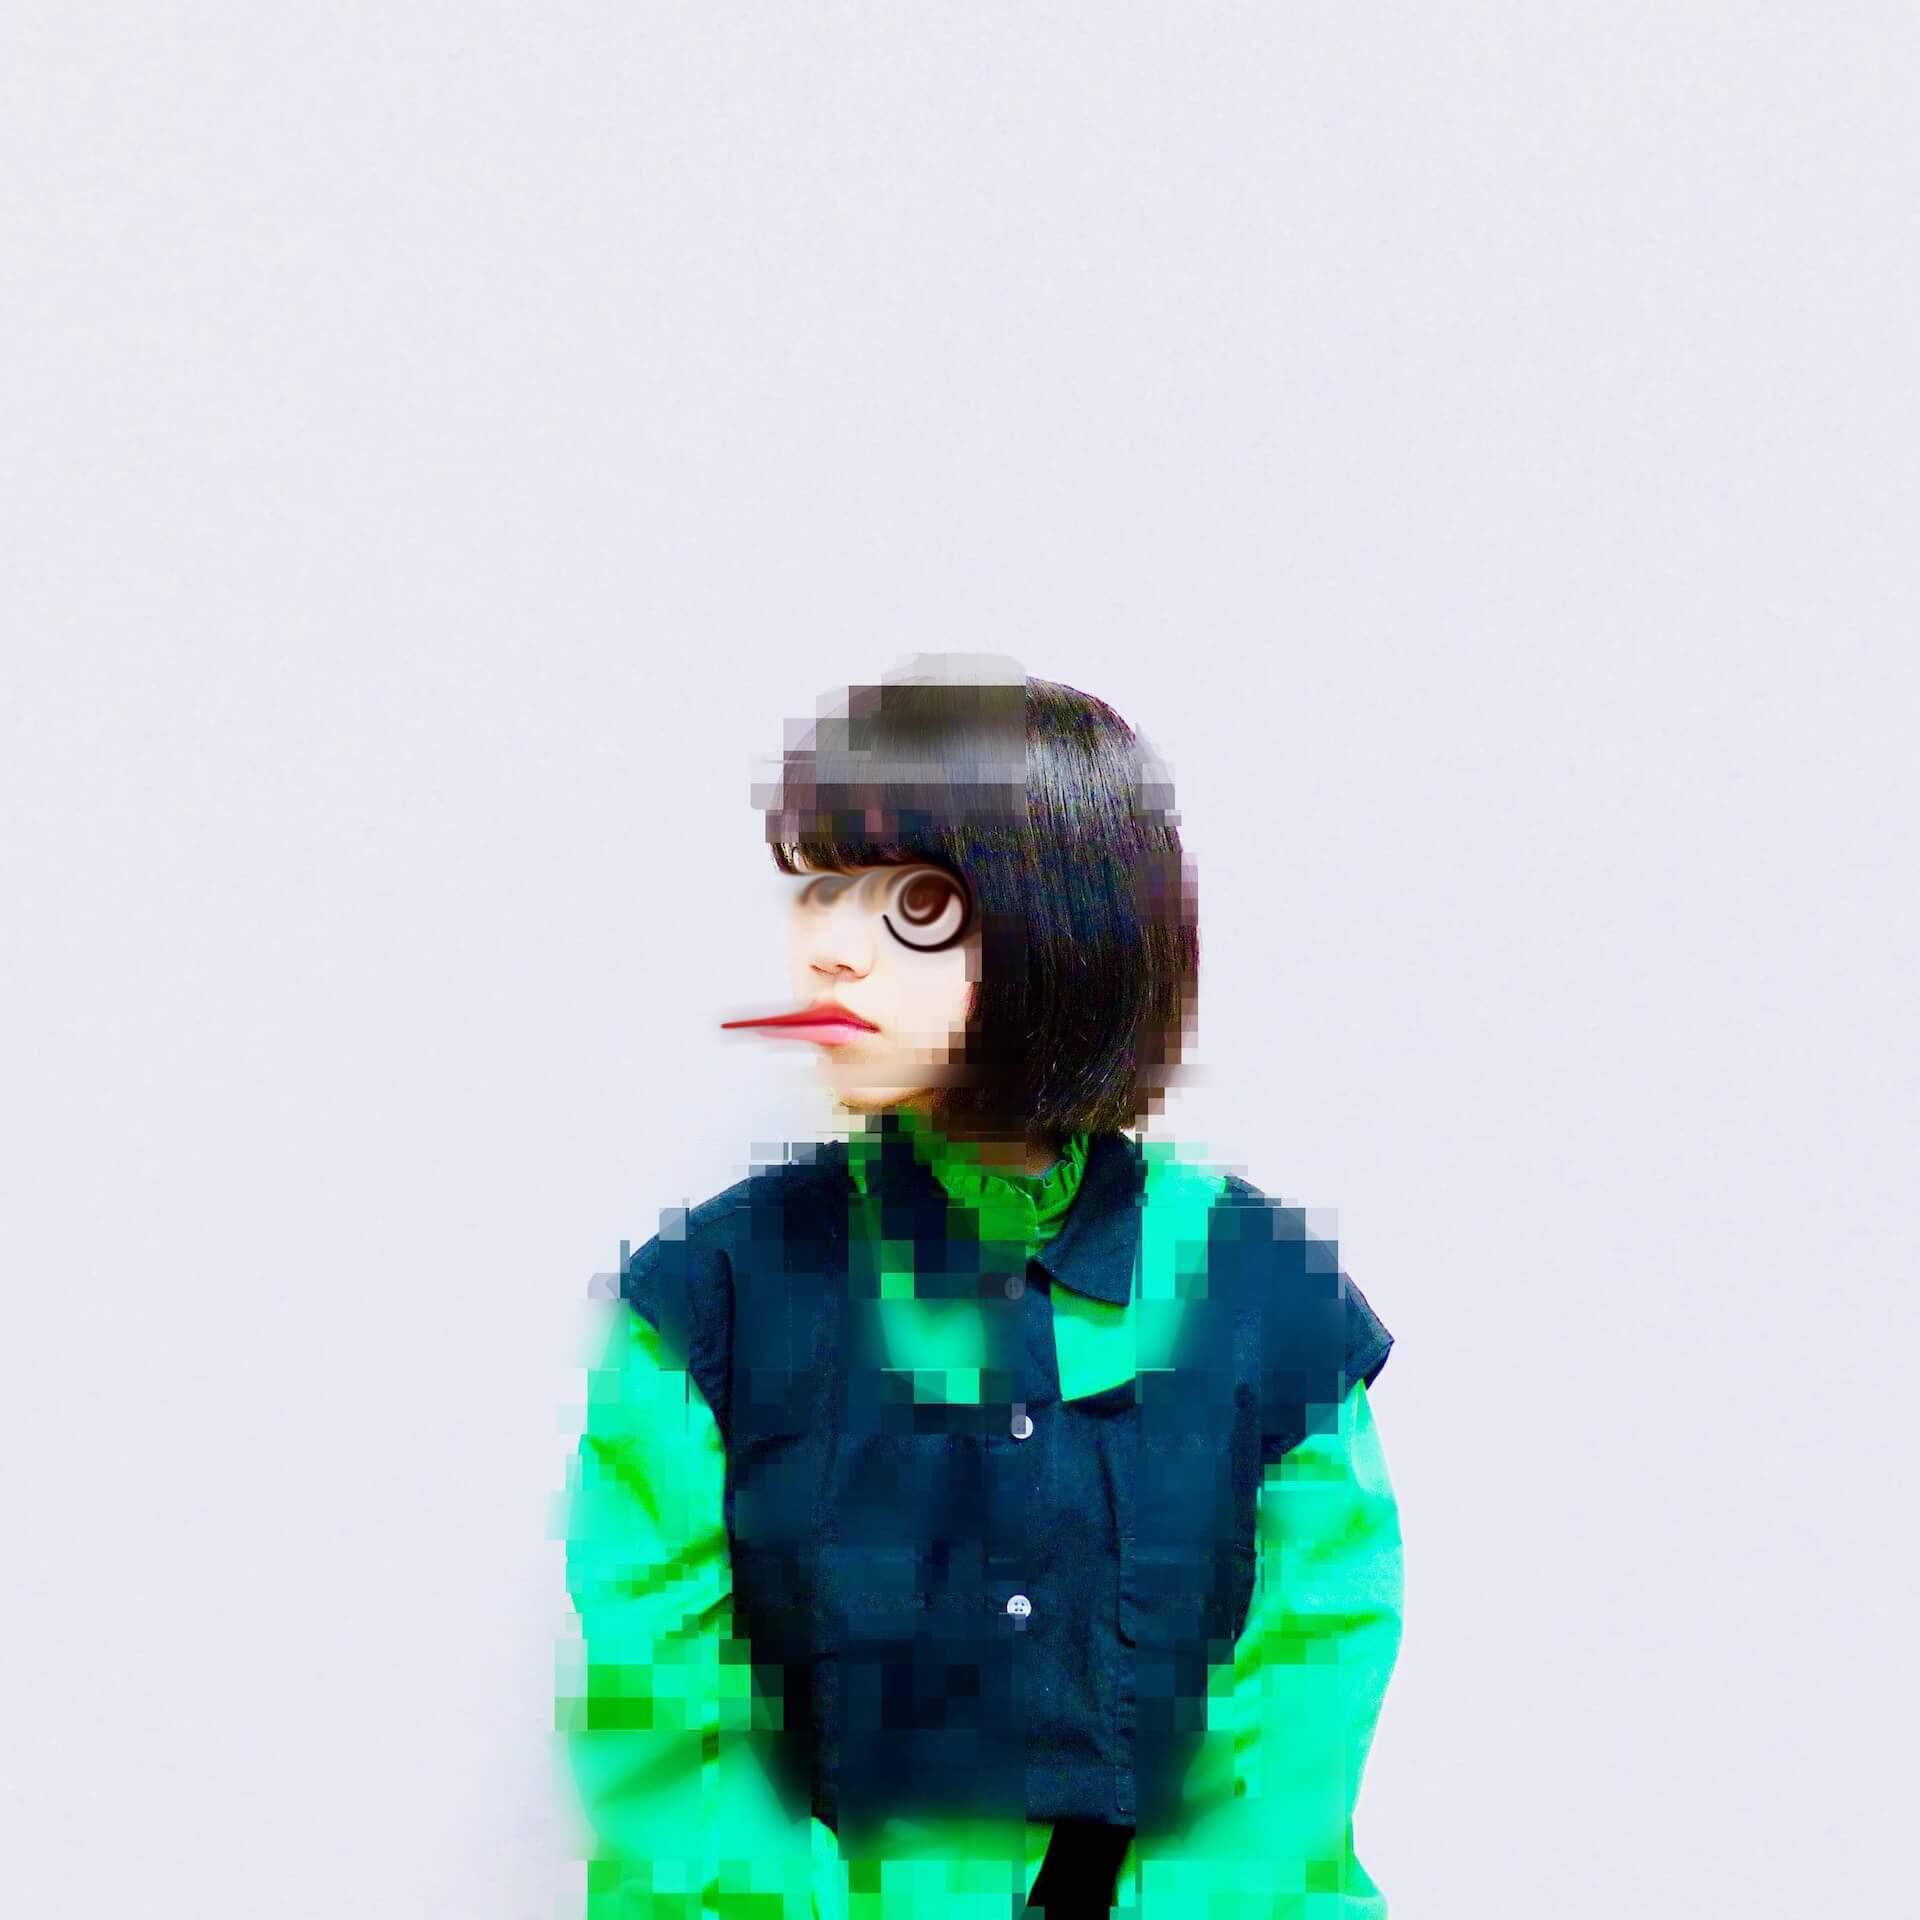 いよいよ渋谷PARCOにオープン!SUPER DOMMUNE第1弾スペシャル企画<長谷川白紙『ドミューにに』>が開催決定 ac200115_dommunini_03